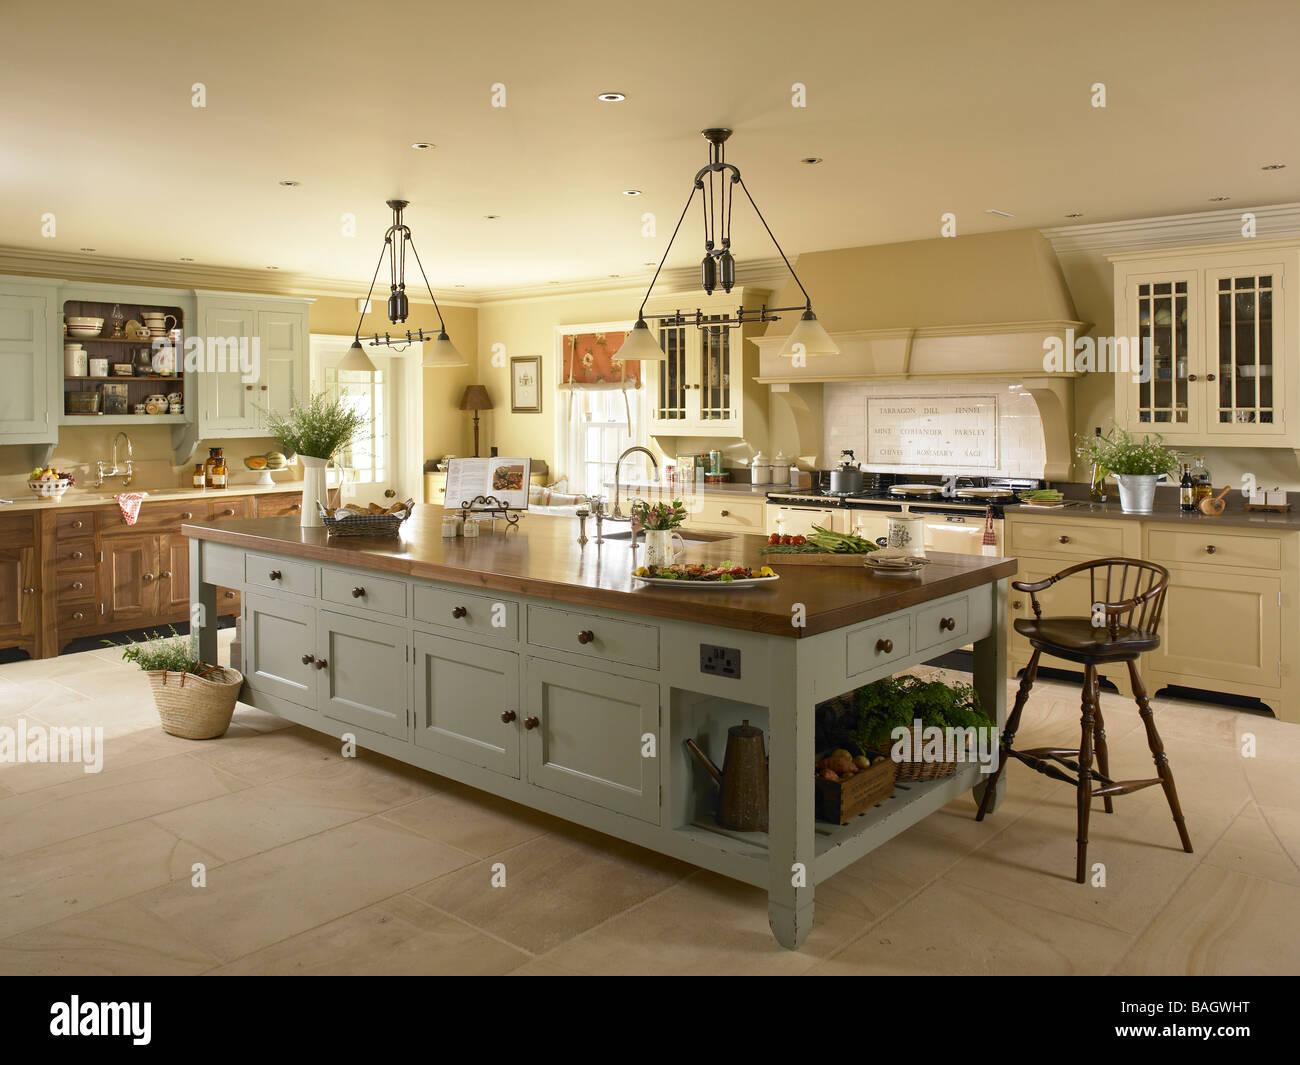 Eine große Küche Insel Einheit Stockfoto, Bild: 23728260 - Alamy